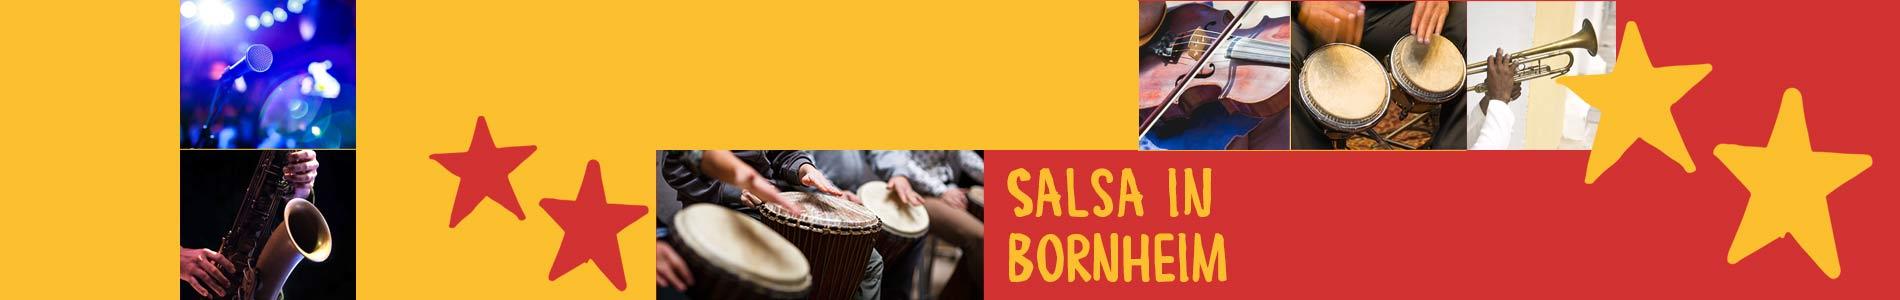 Salsa in Bornheim – Salsa lernen und tanzen, Tanzkurse, Partys, Veranstaltungen